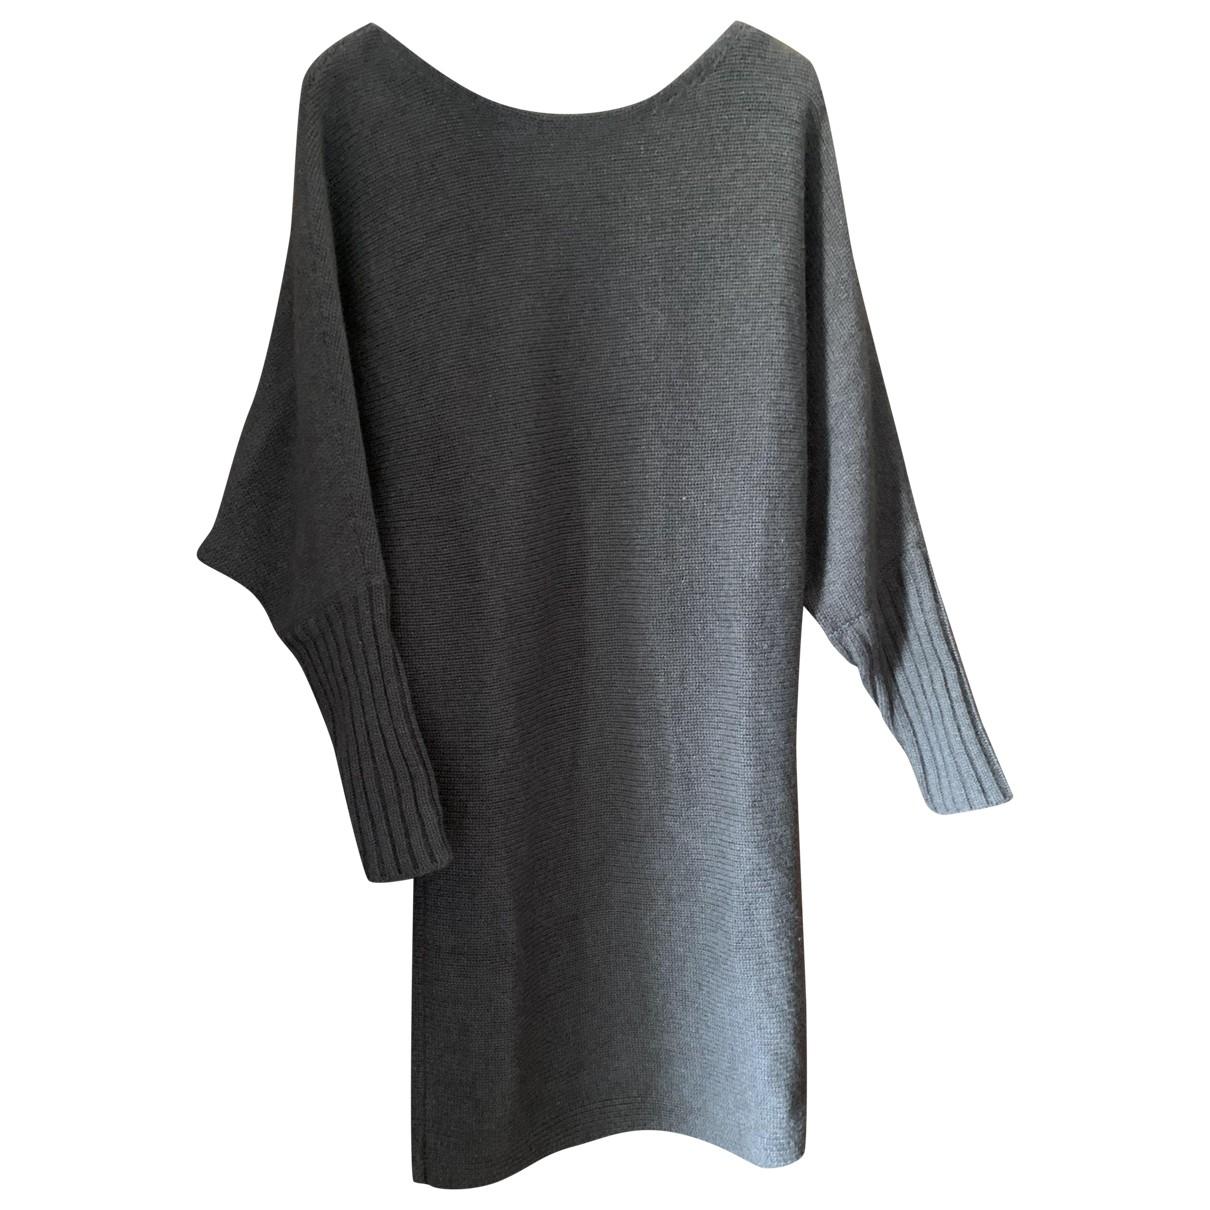 Iris Von Arnim \N Brown Cashmere dress for Women M International